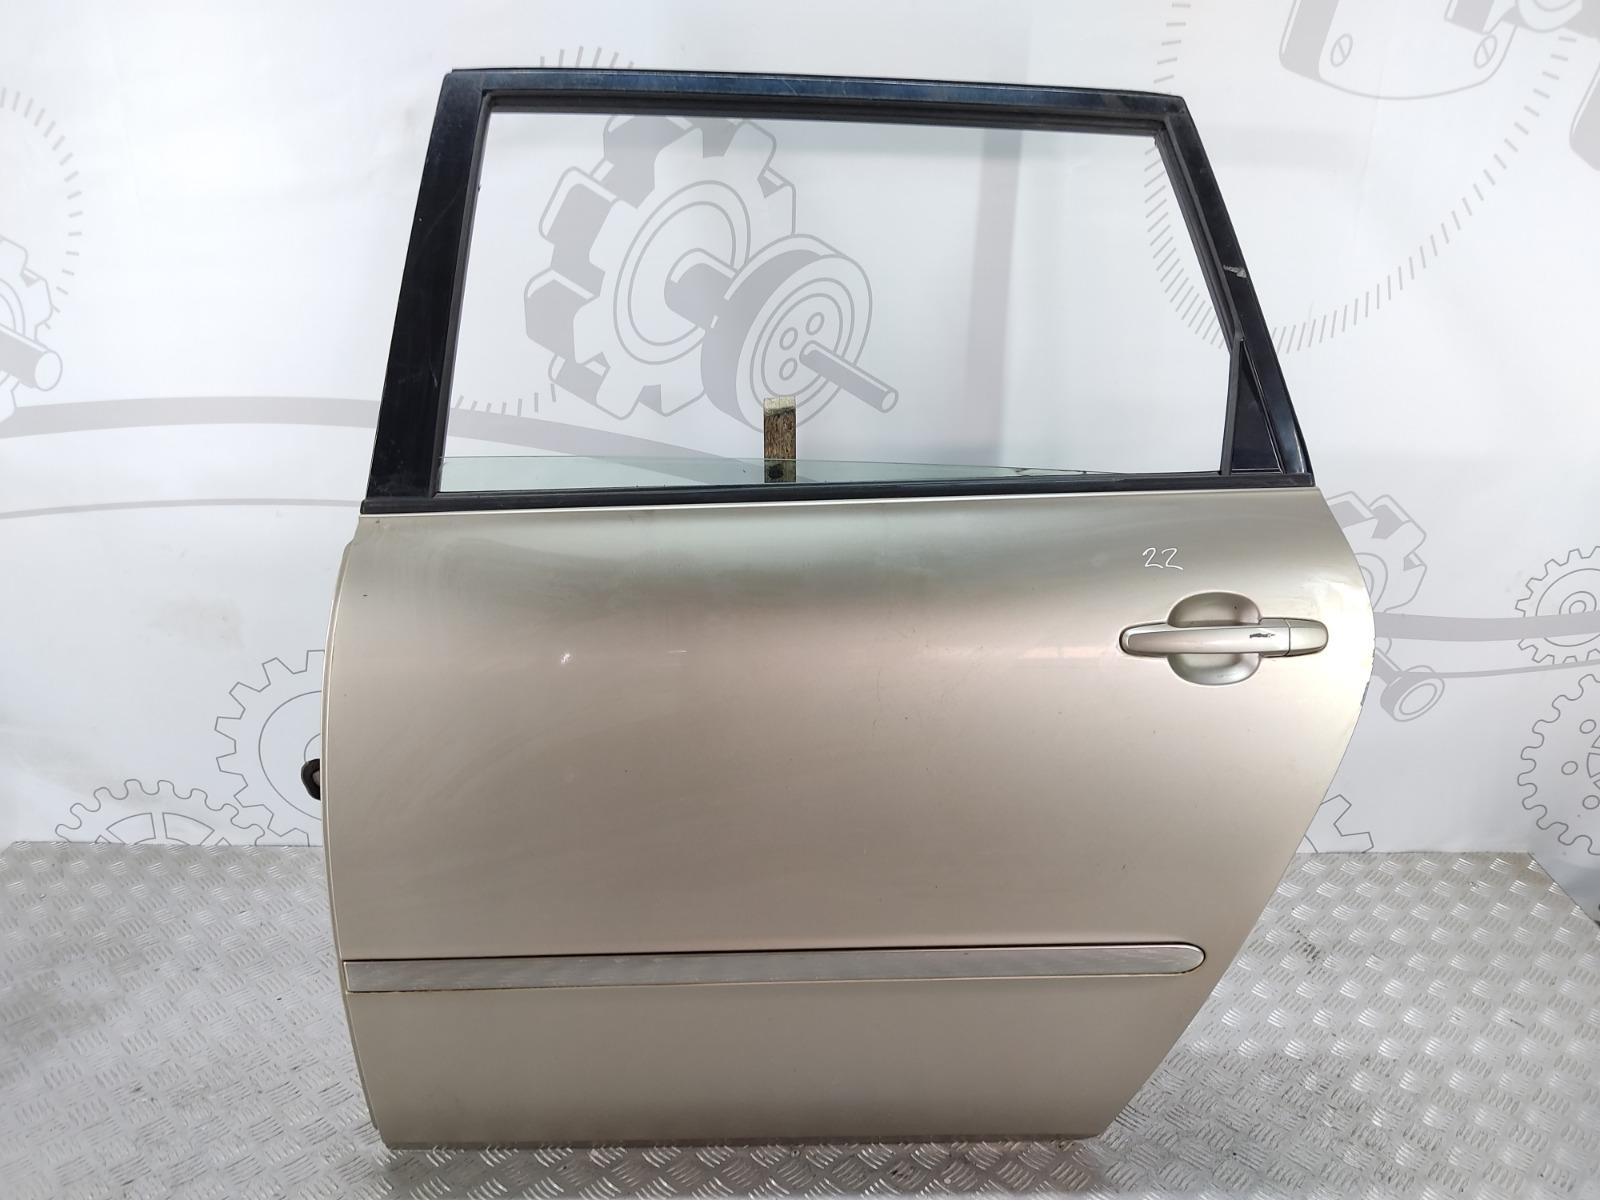 Дверь задняя левая Toyota Avensis Verso 2.0 D-4D 2002 (б/у)